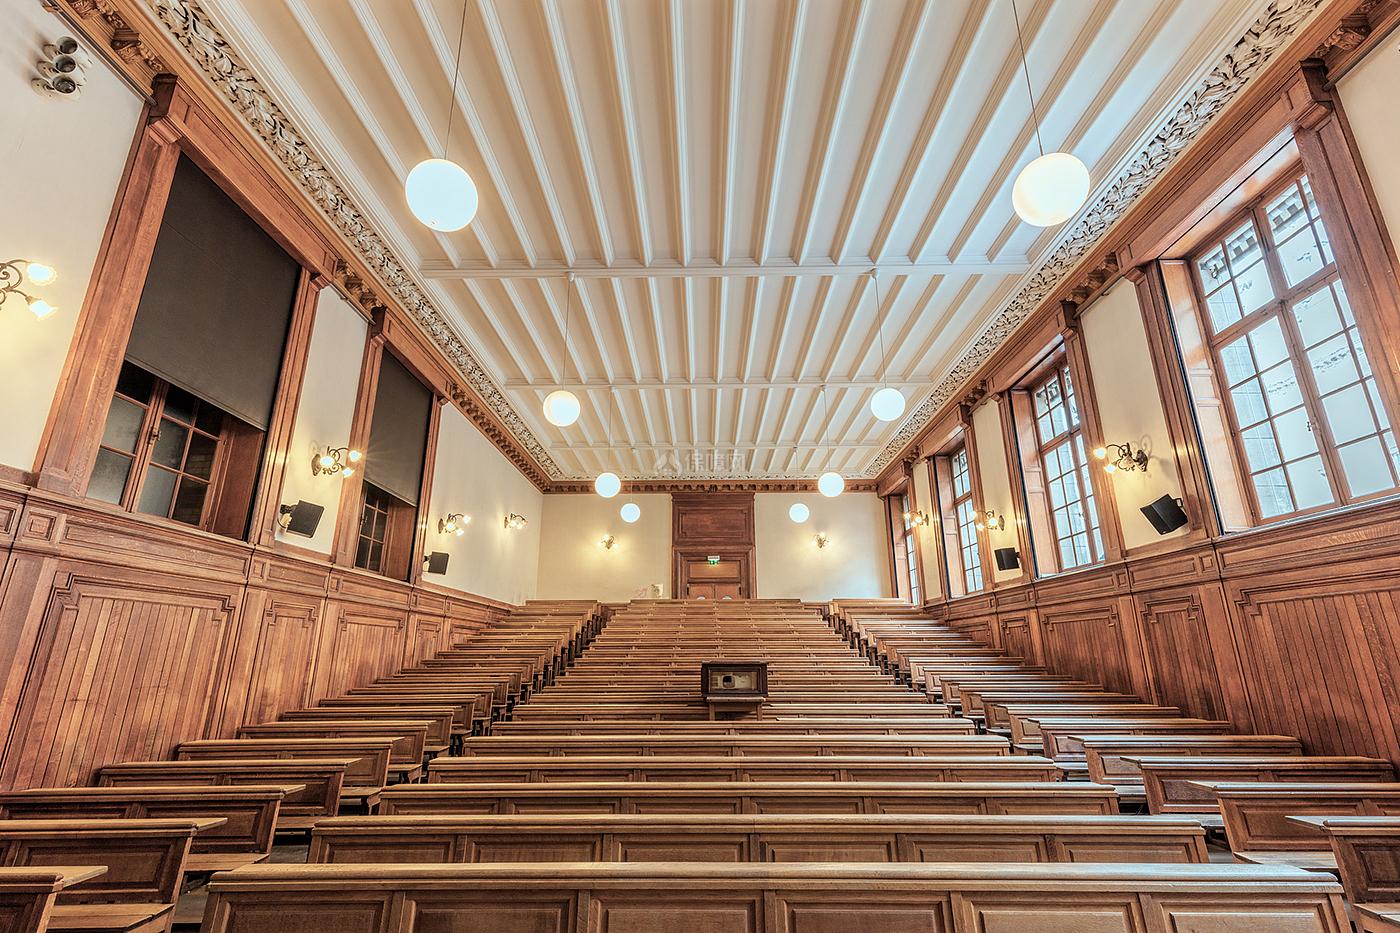 阶梯教室文化场馆之阶梯式座位设计效果图